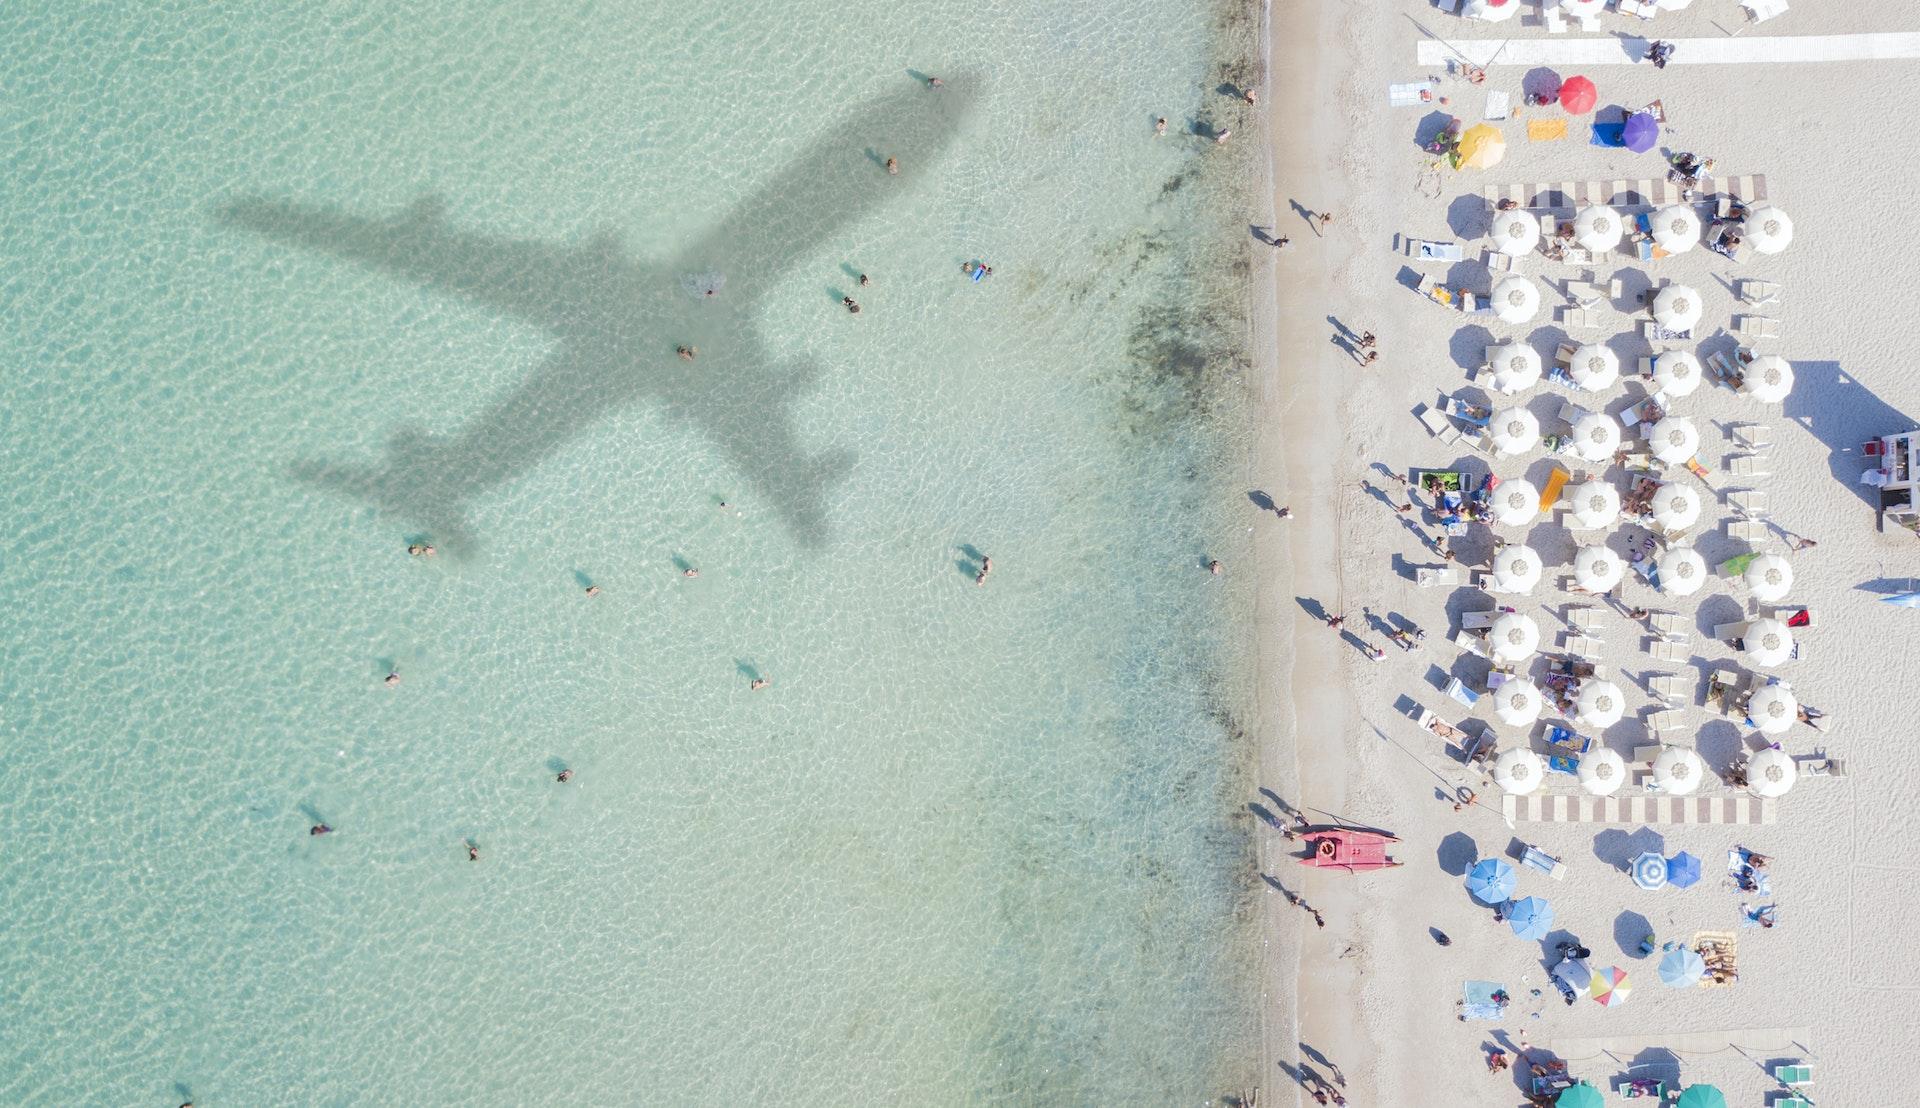 Dubrovnik lufthavn © Travel Wild, Getty Images